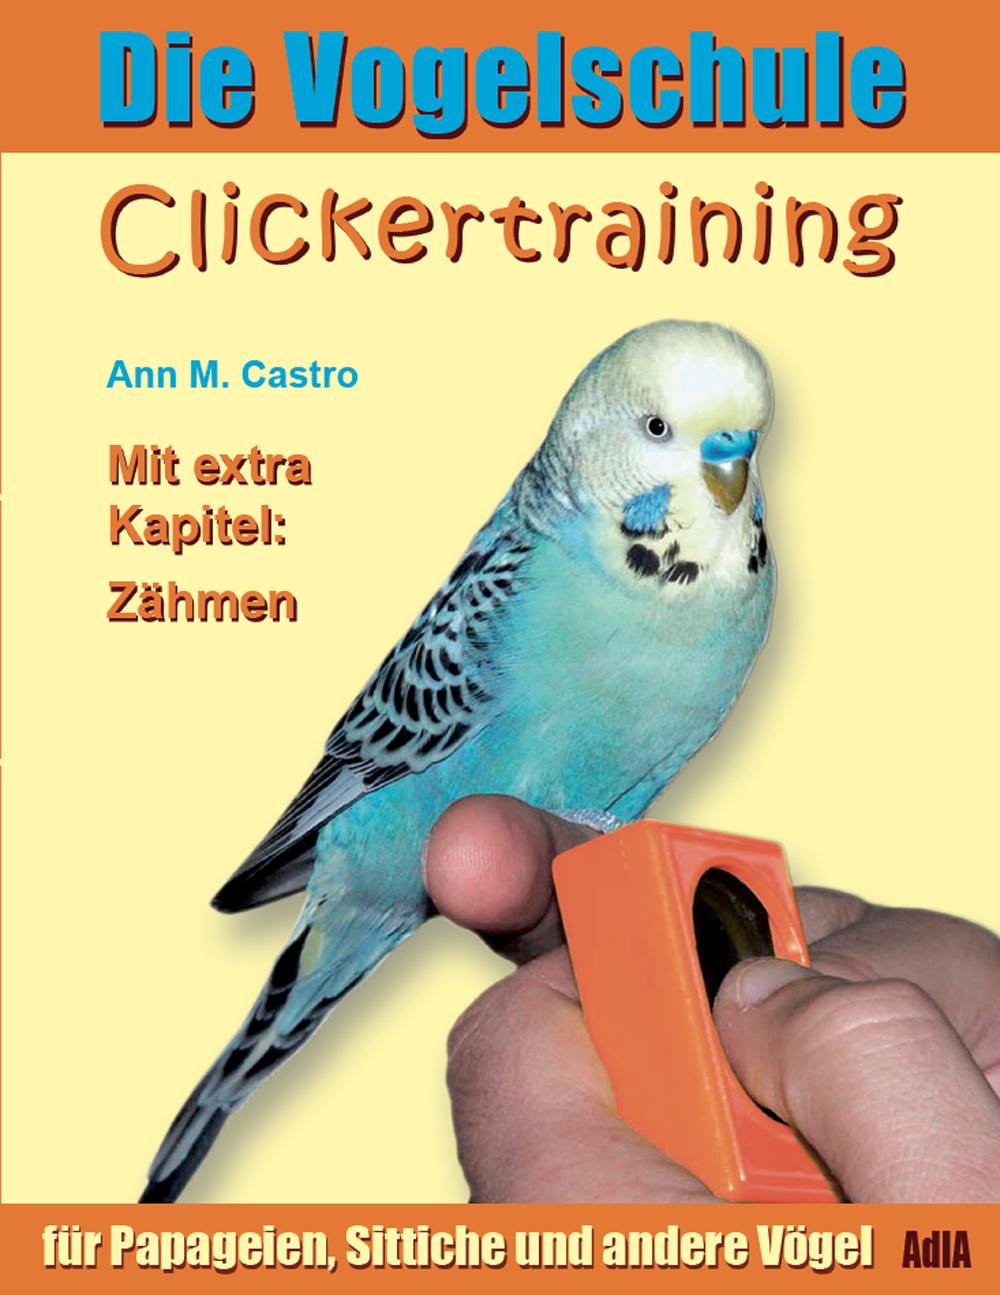 Ann-Castro-Die-Vogelschule-Clickertraining-fur-Papageien-Sittiche-und-an